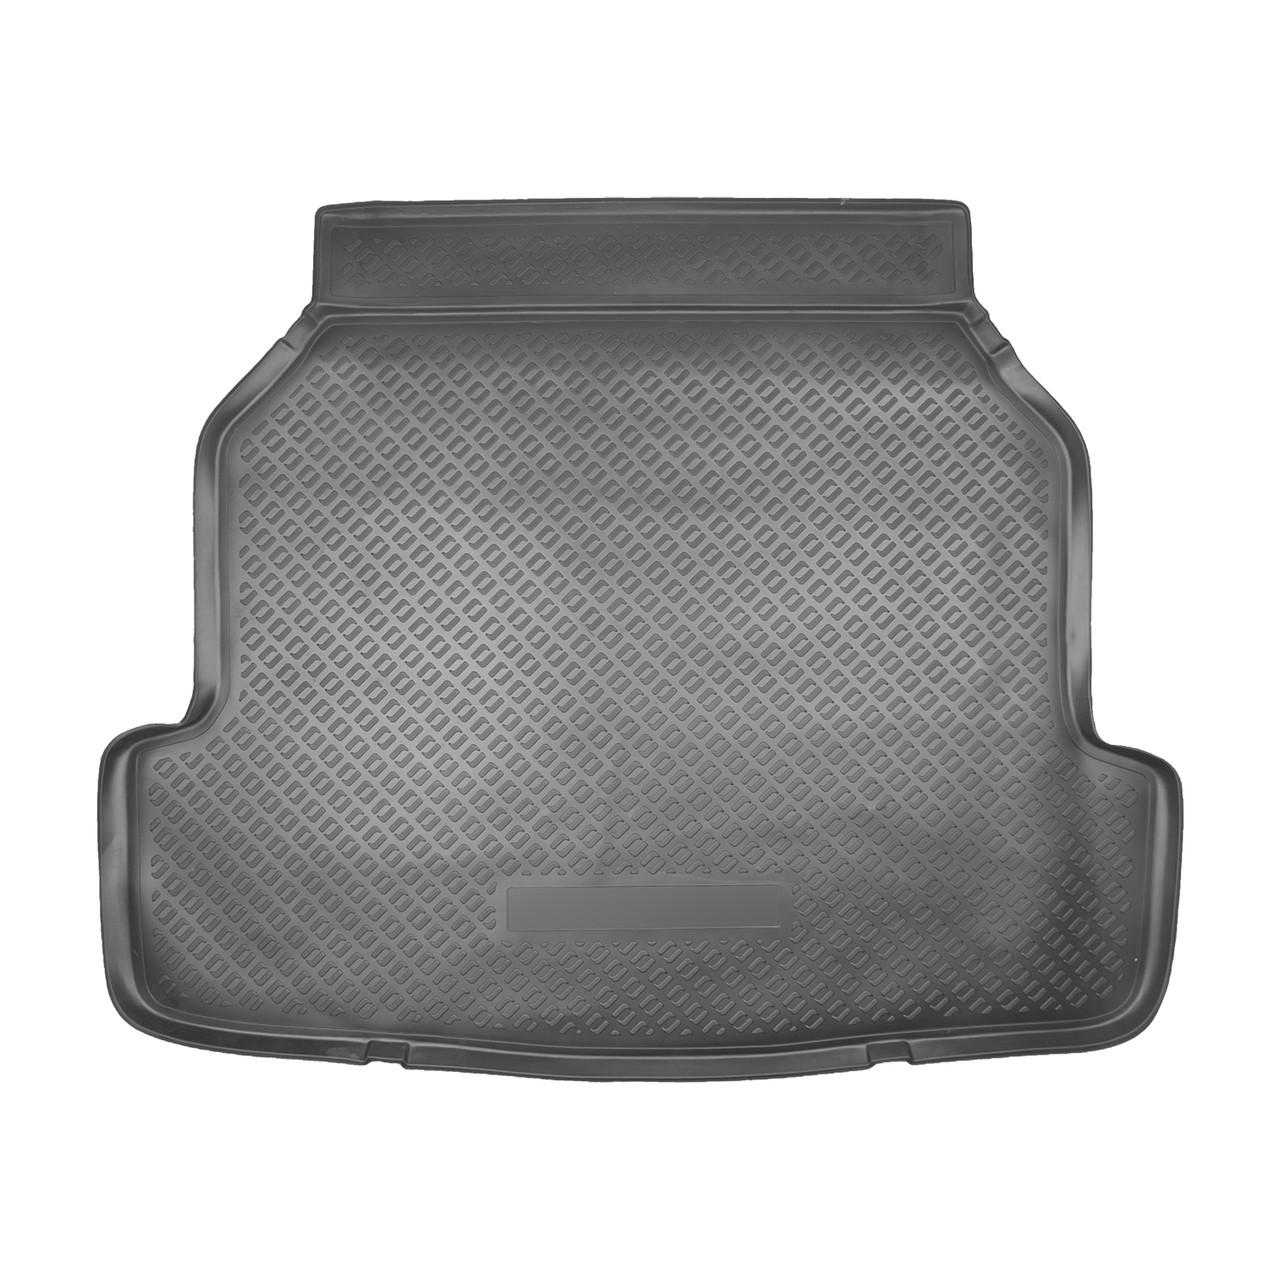 Коврик в багажник Renault Latitude SD (2010)